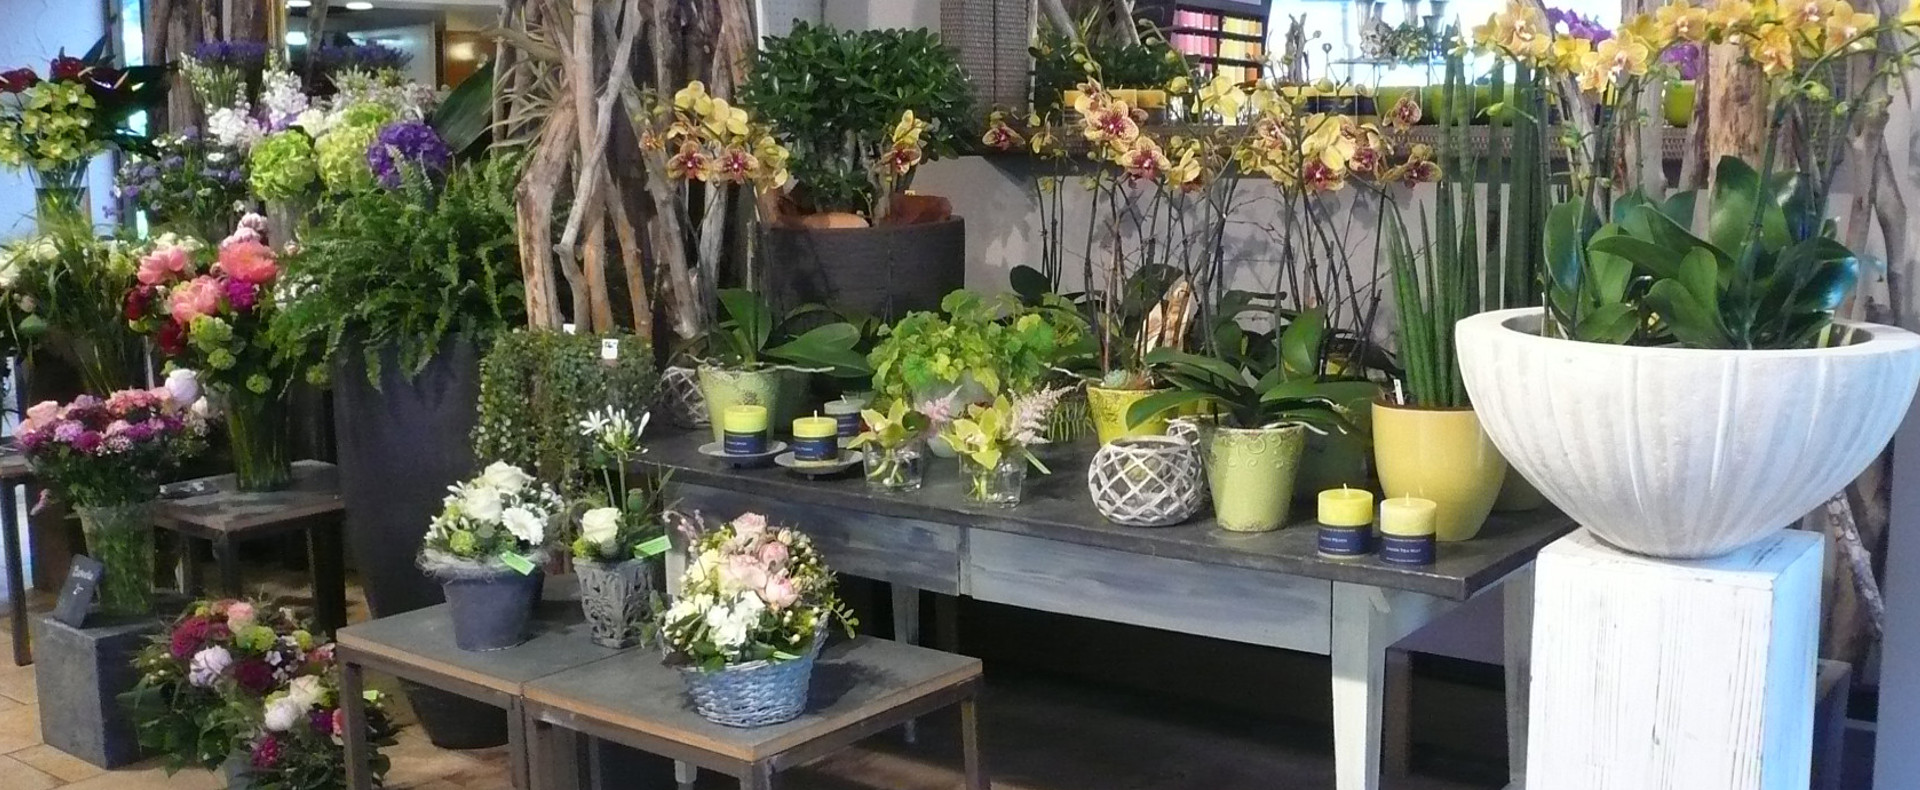 Strickler Blumen Gaerten (5)